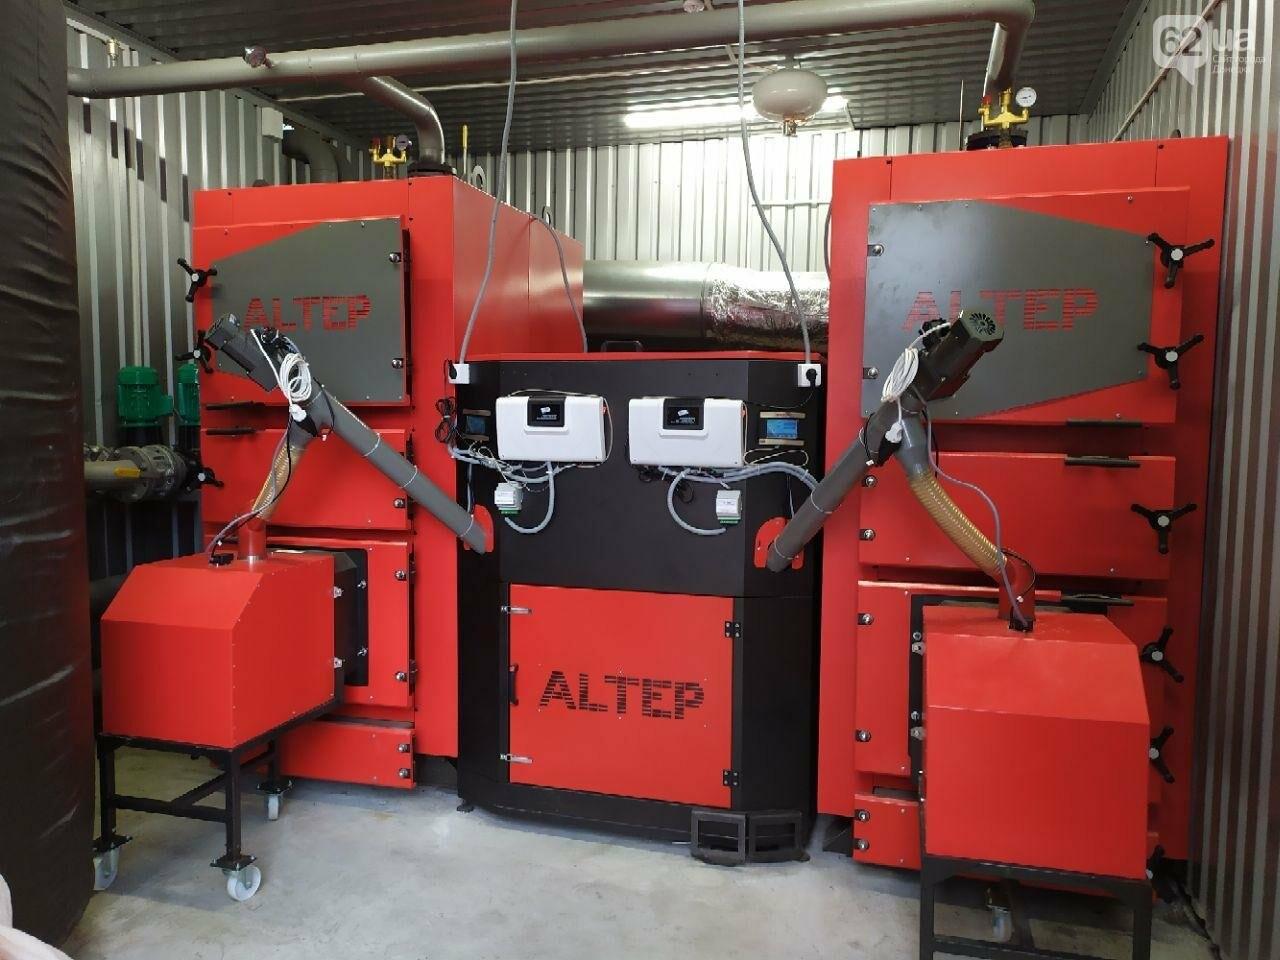 Высококачественное котельное оборудование Altep — залог энергоэффективности, фото-1